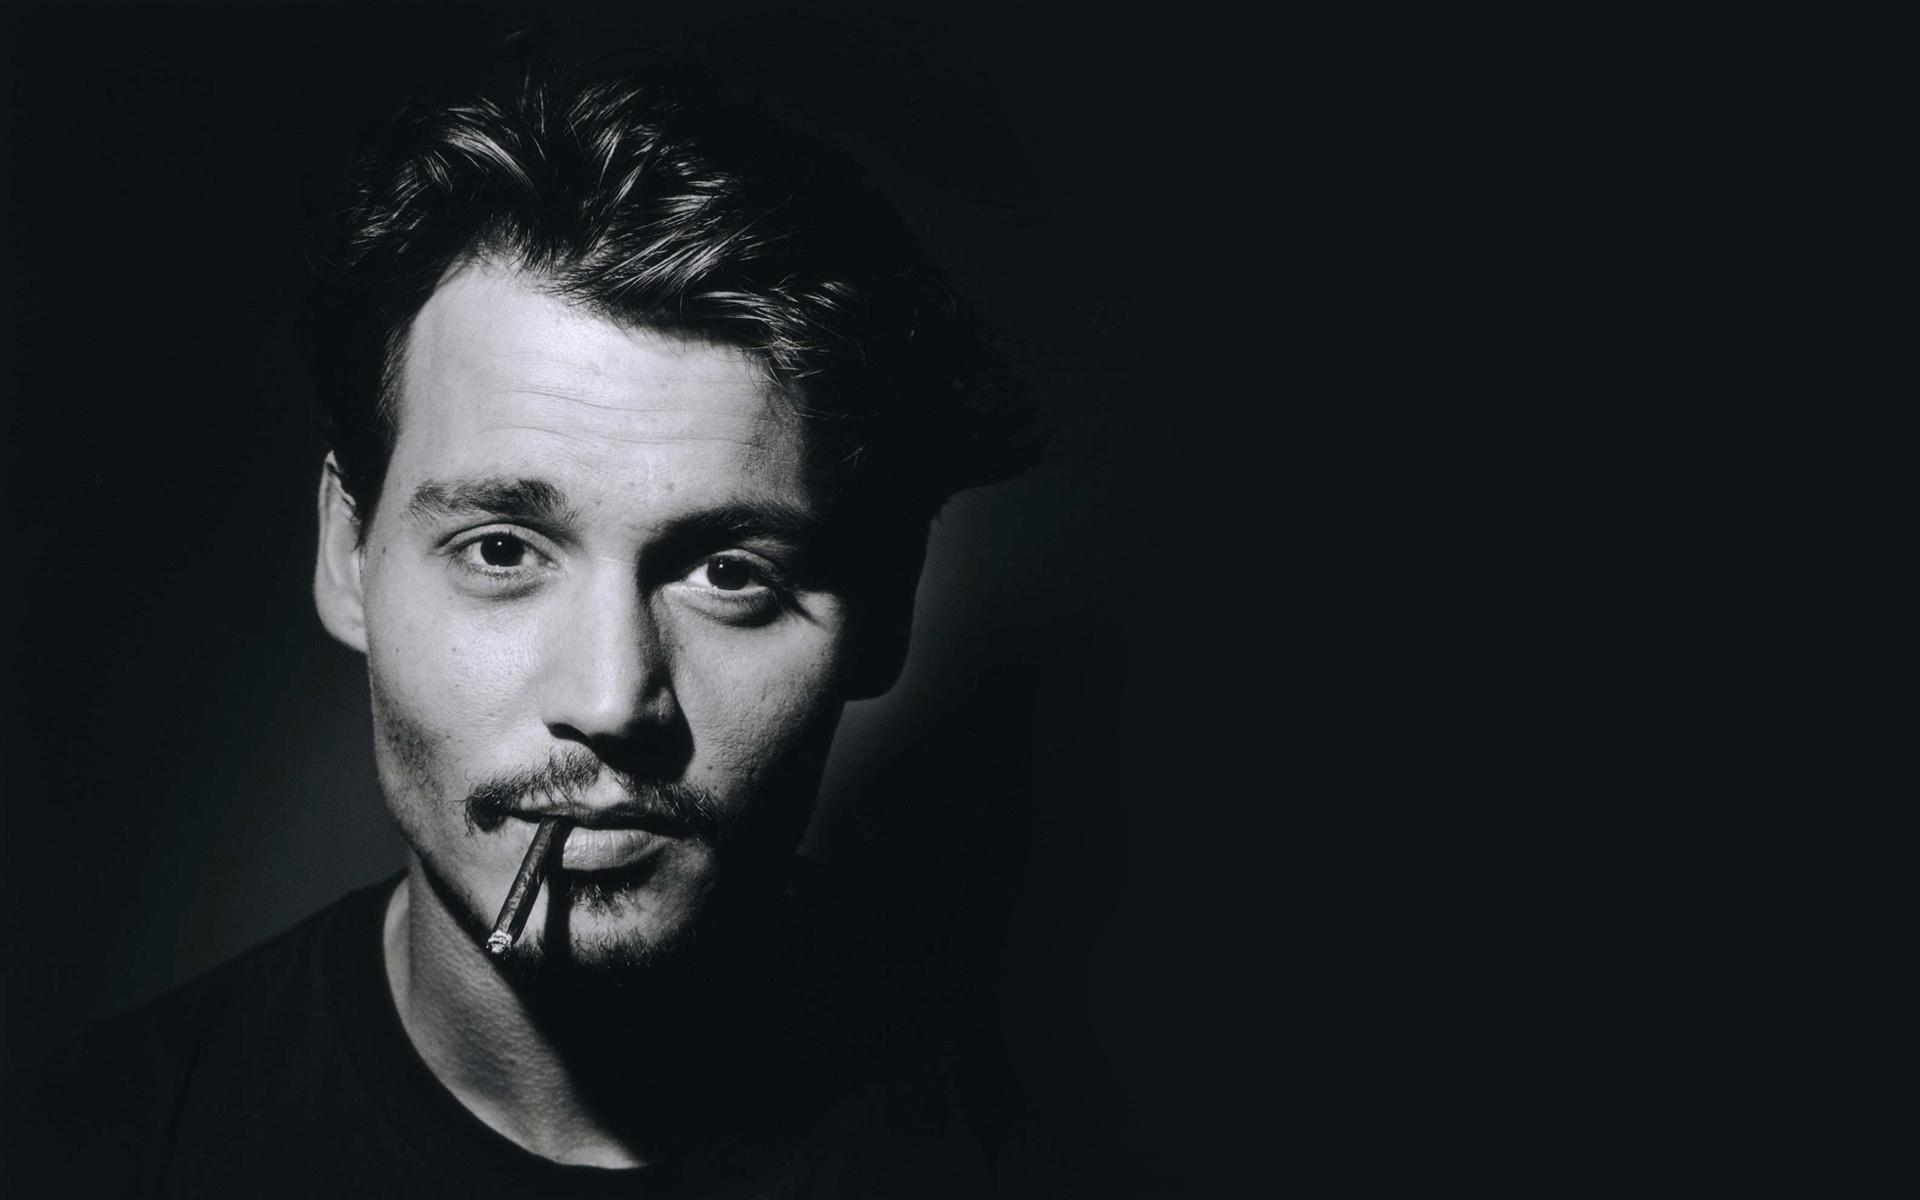 Джонни Депп нашел замену избитой жене (фото)